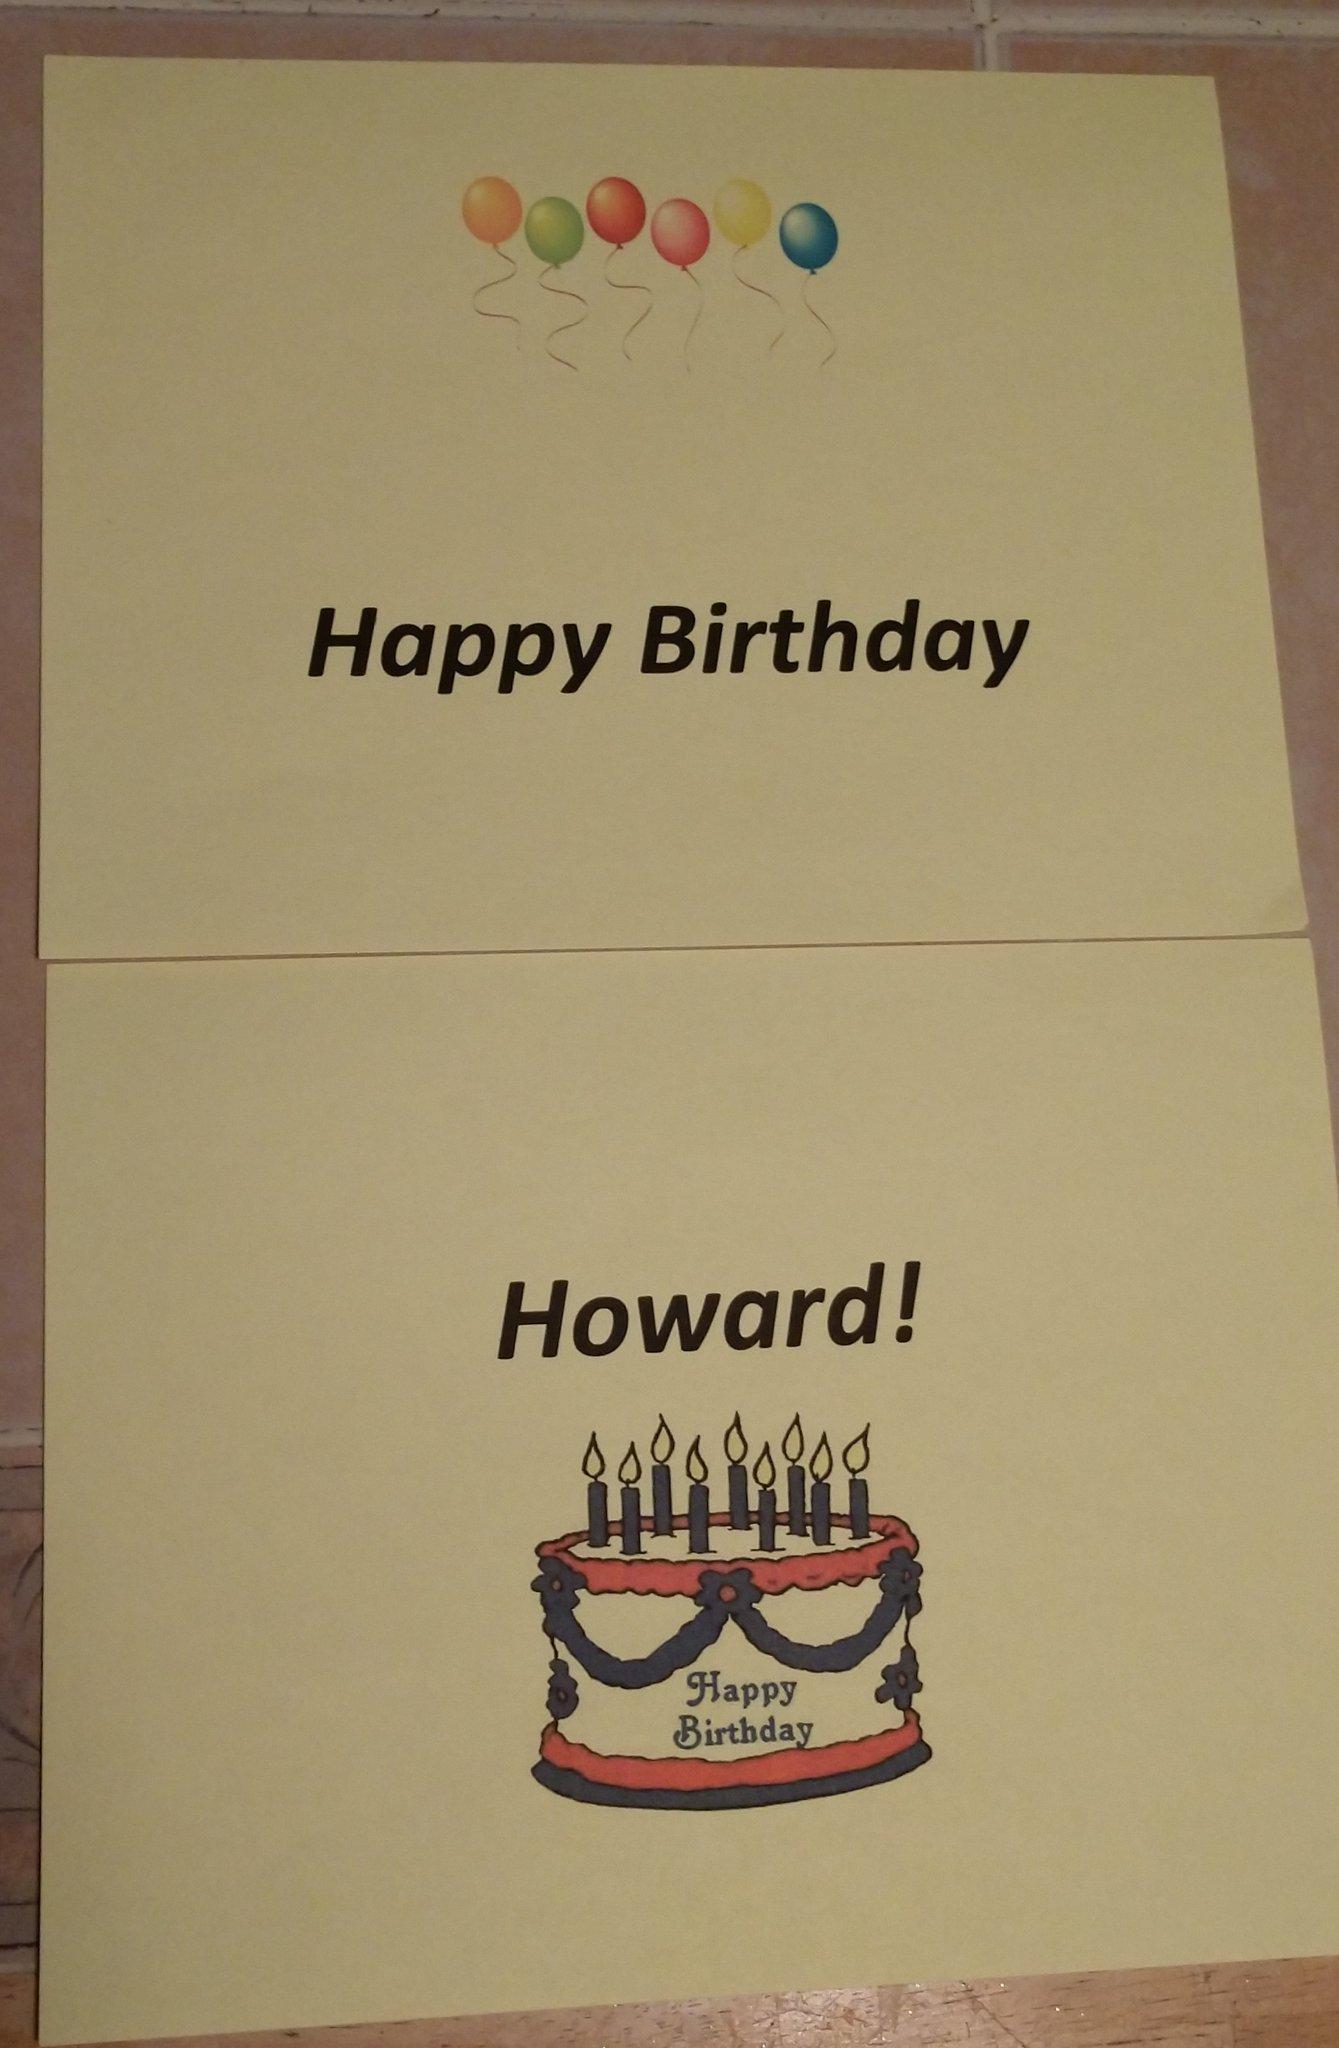 Ready for Howard Jones, Happy Birthday!